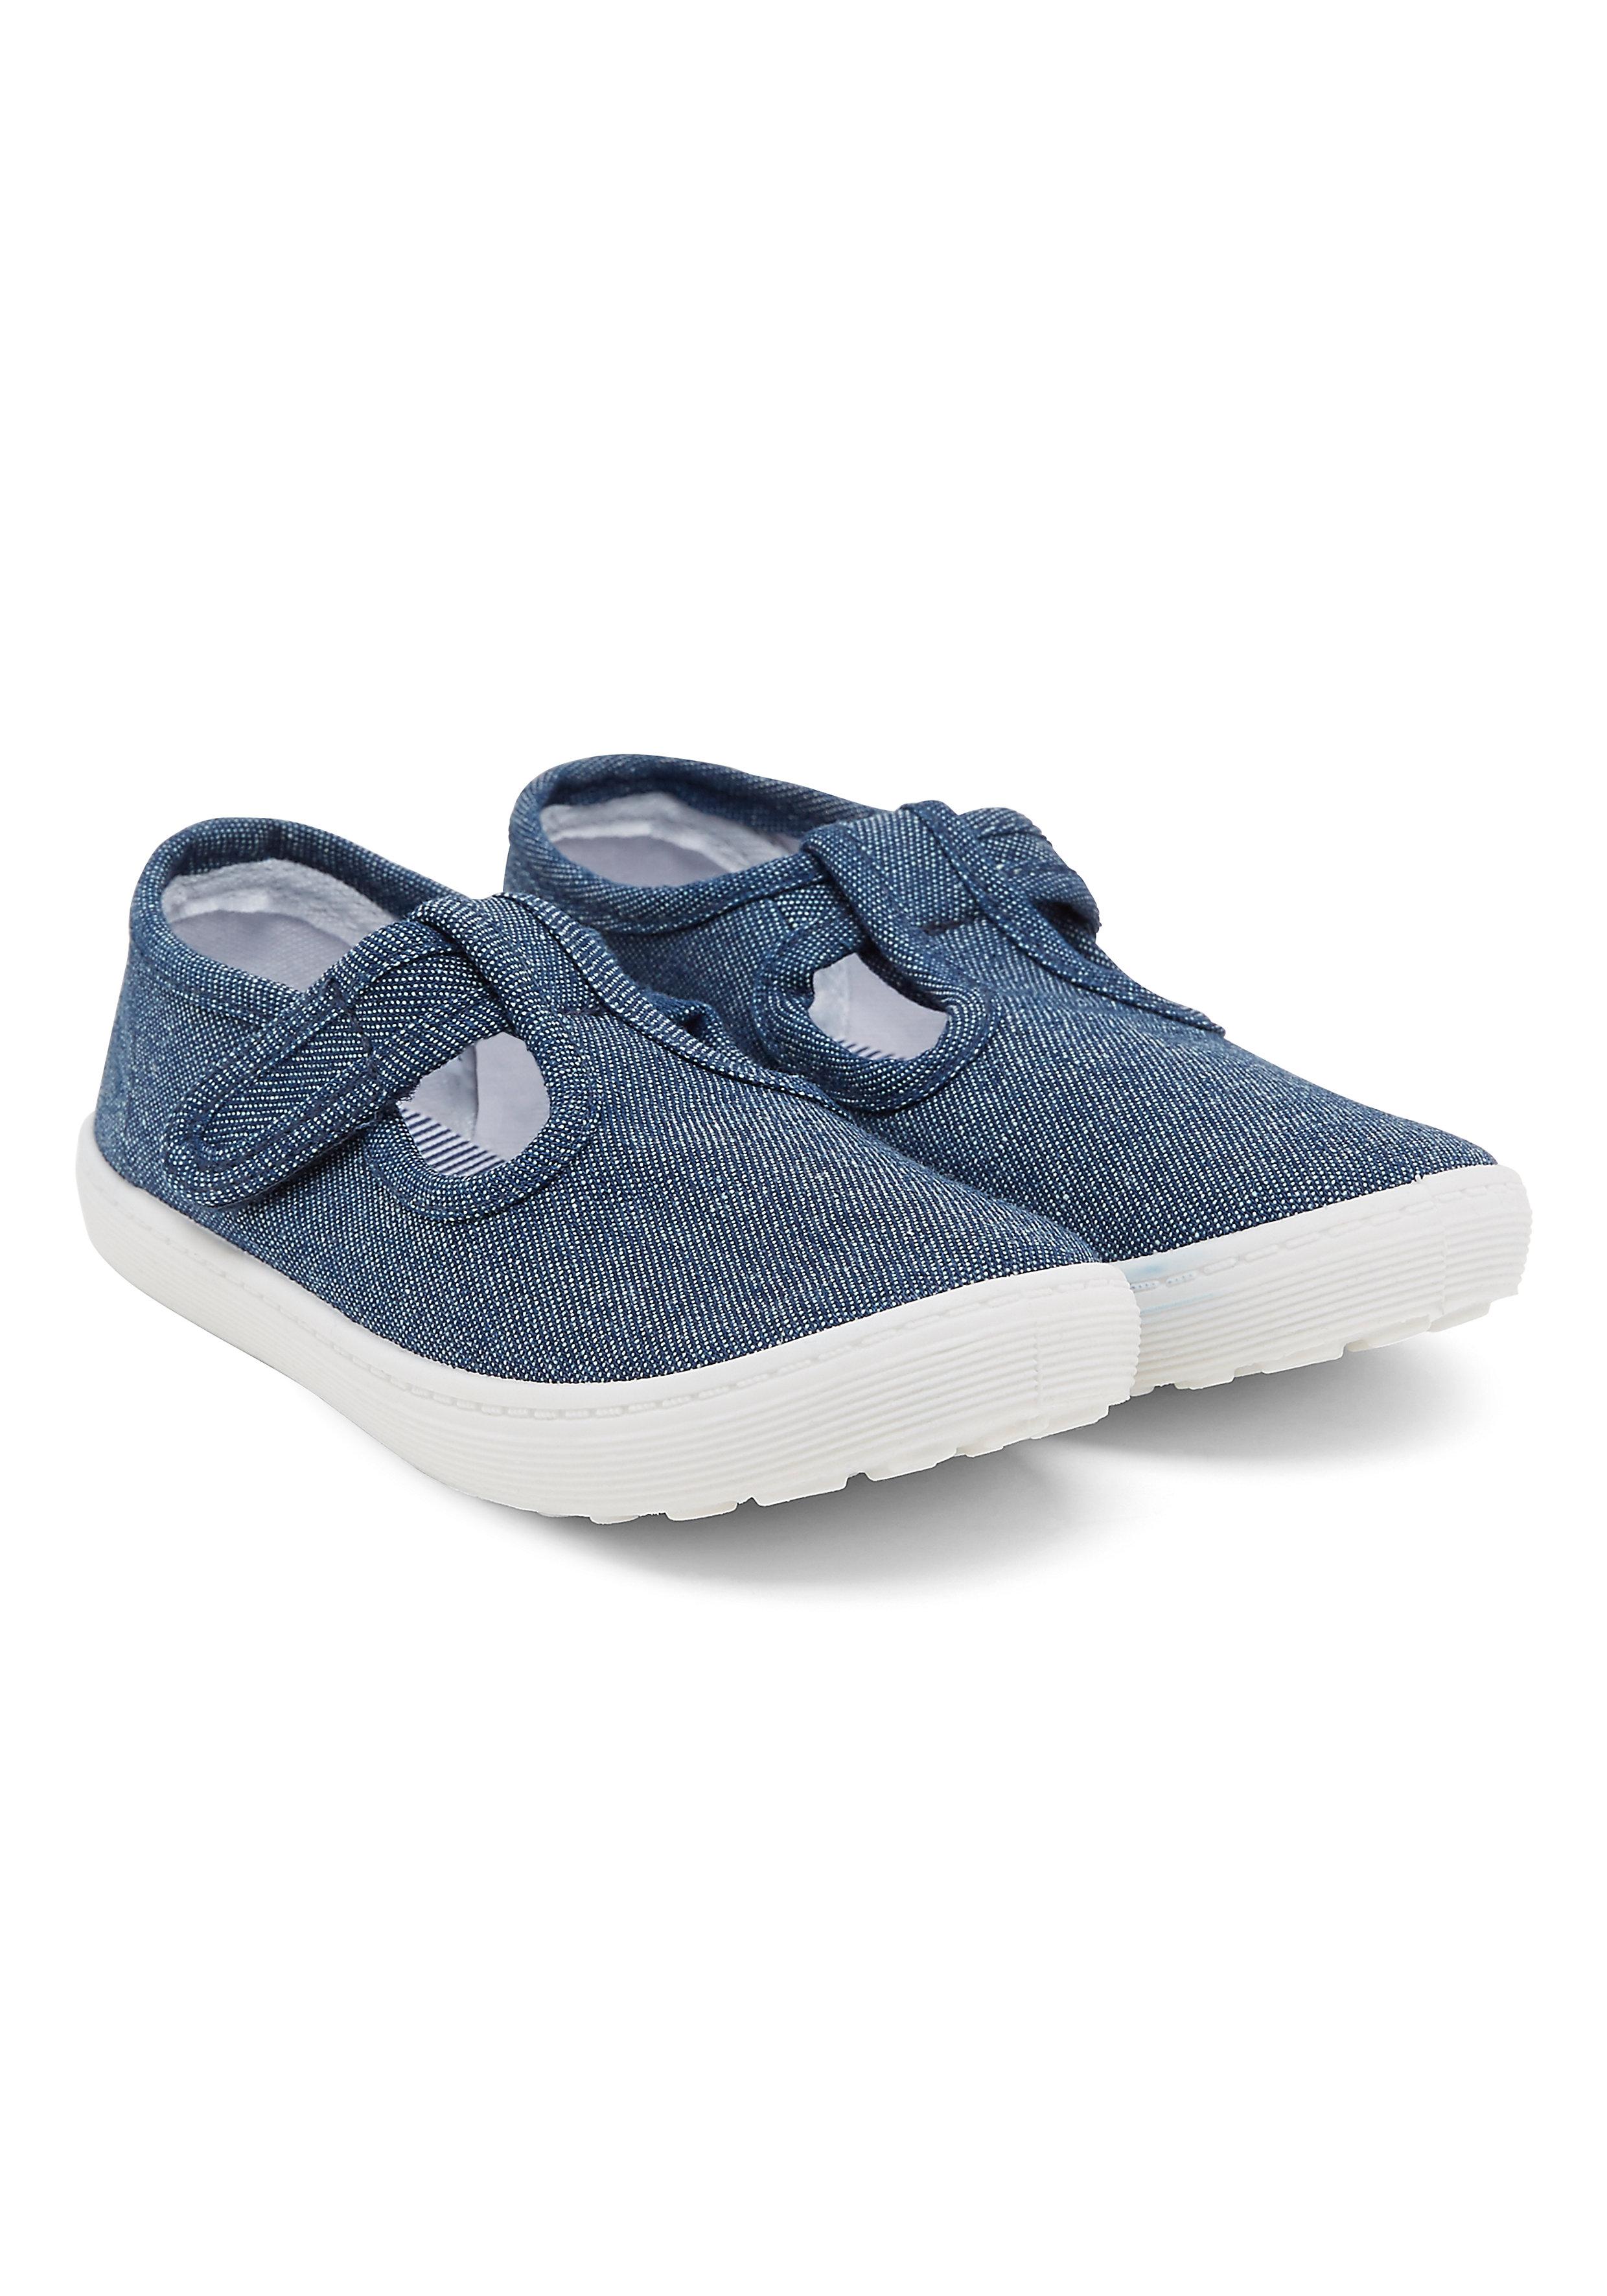 Mothercare | Boys  Denim T-Bar Canvas Shoes - Denim